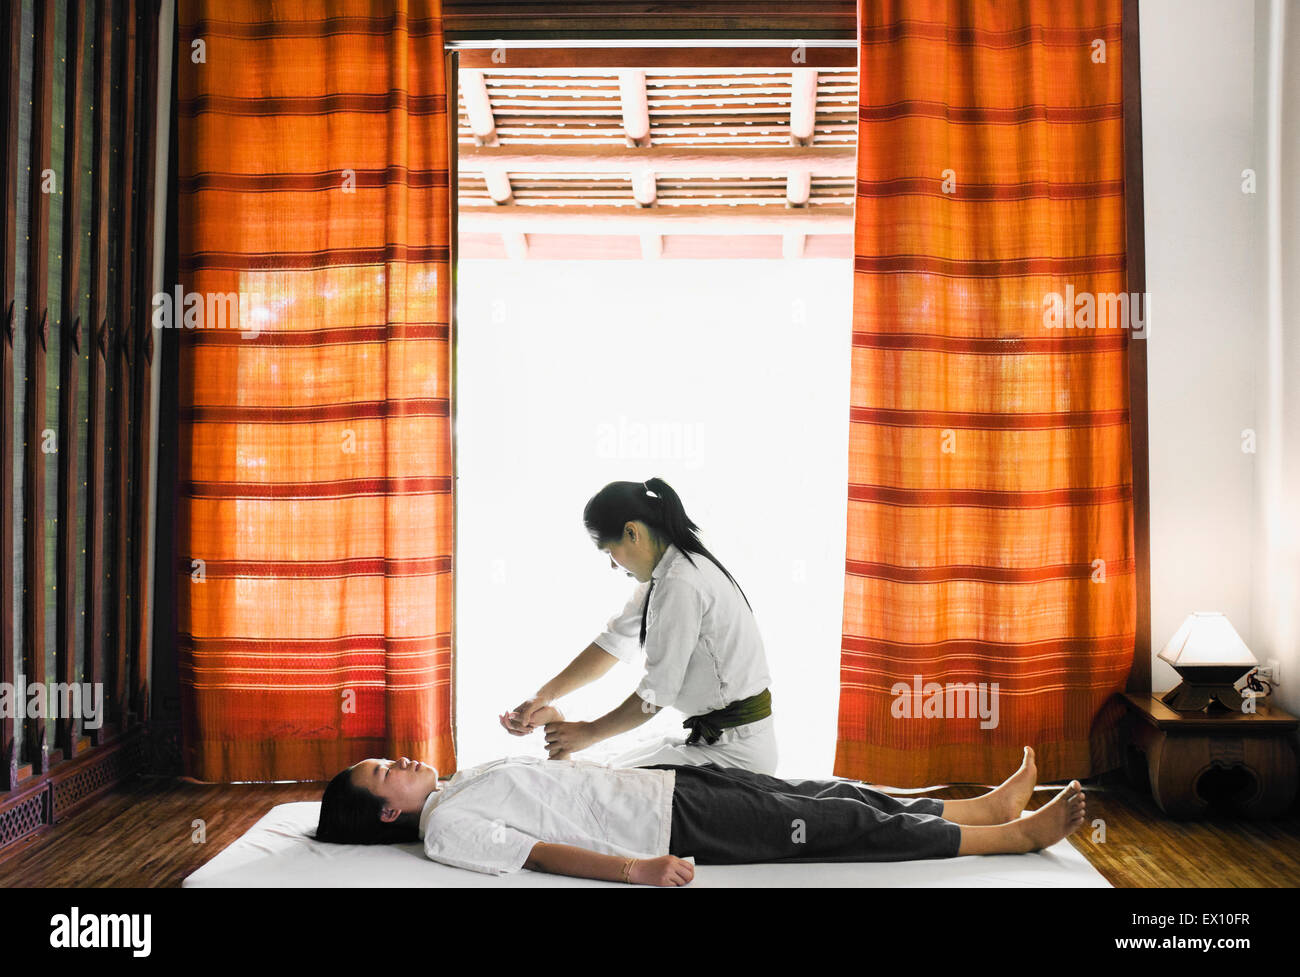 Sen, SIP ou Lao traditionnel massage au Spa de La Résidence Phou Vao, Luang Prabang, Laos. Photo Stock